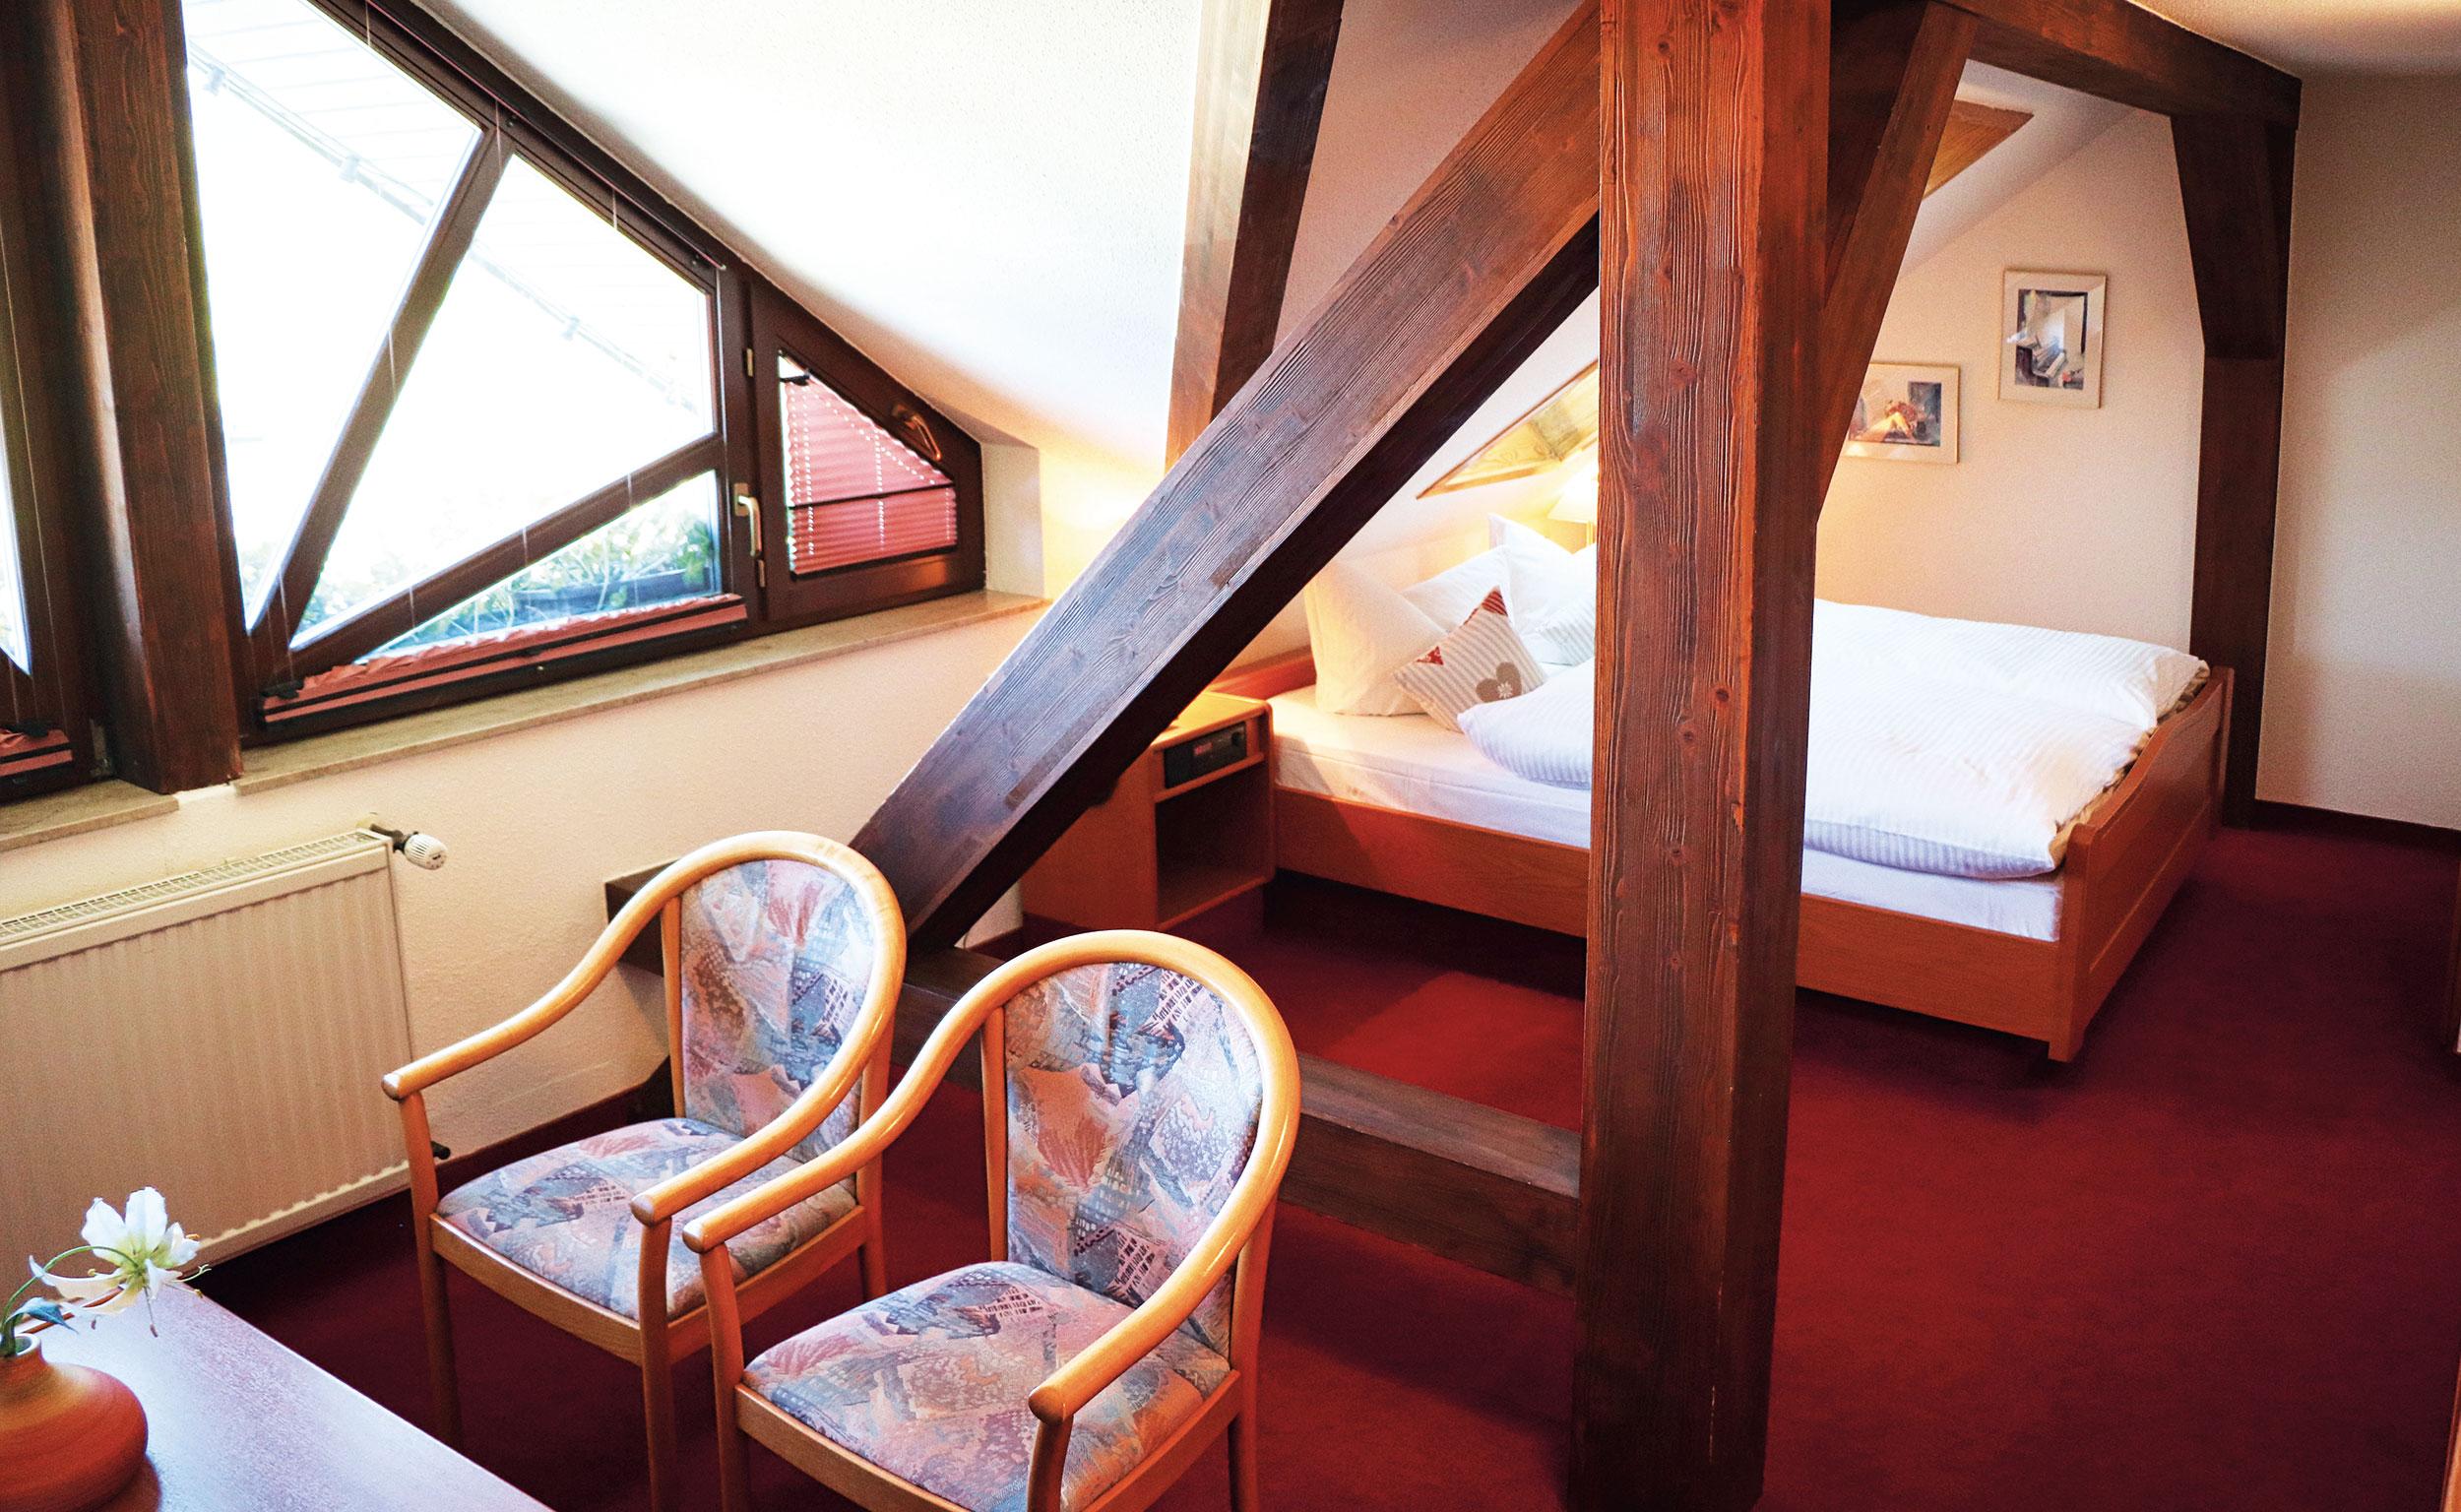 Komfortzimmer im Dachgeschoss Landgasthof